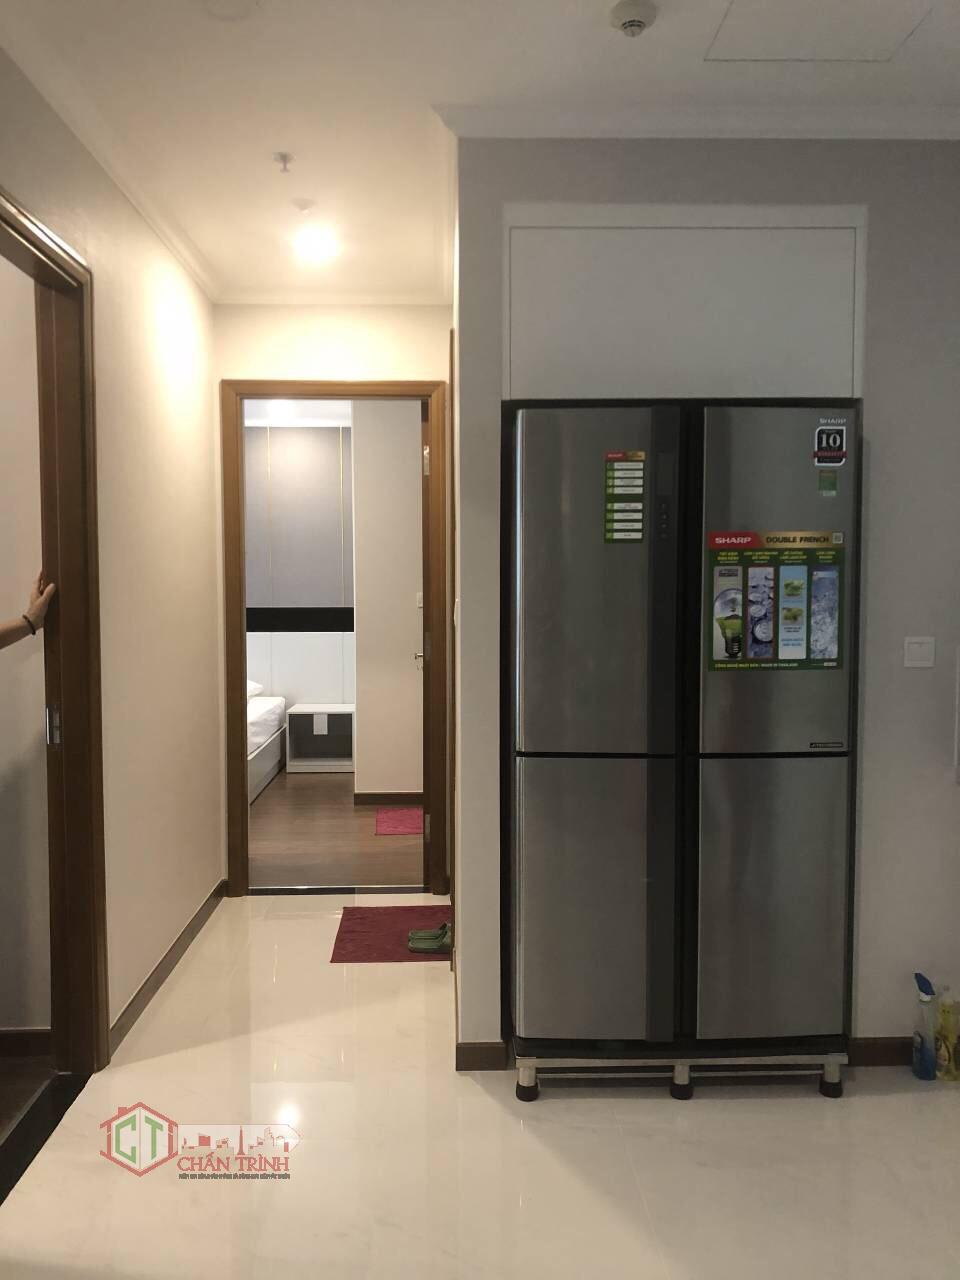 Hành lang căn hộ 2 phòng ngủ L6 - Vinhomes Central Park